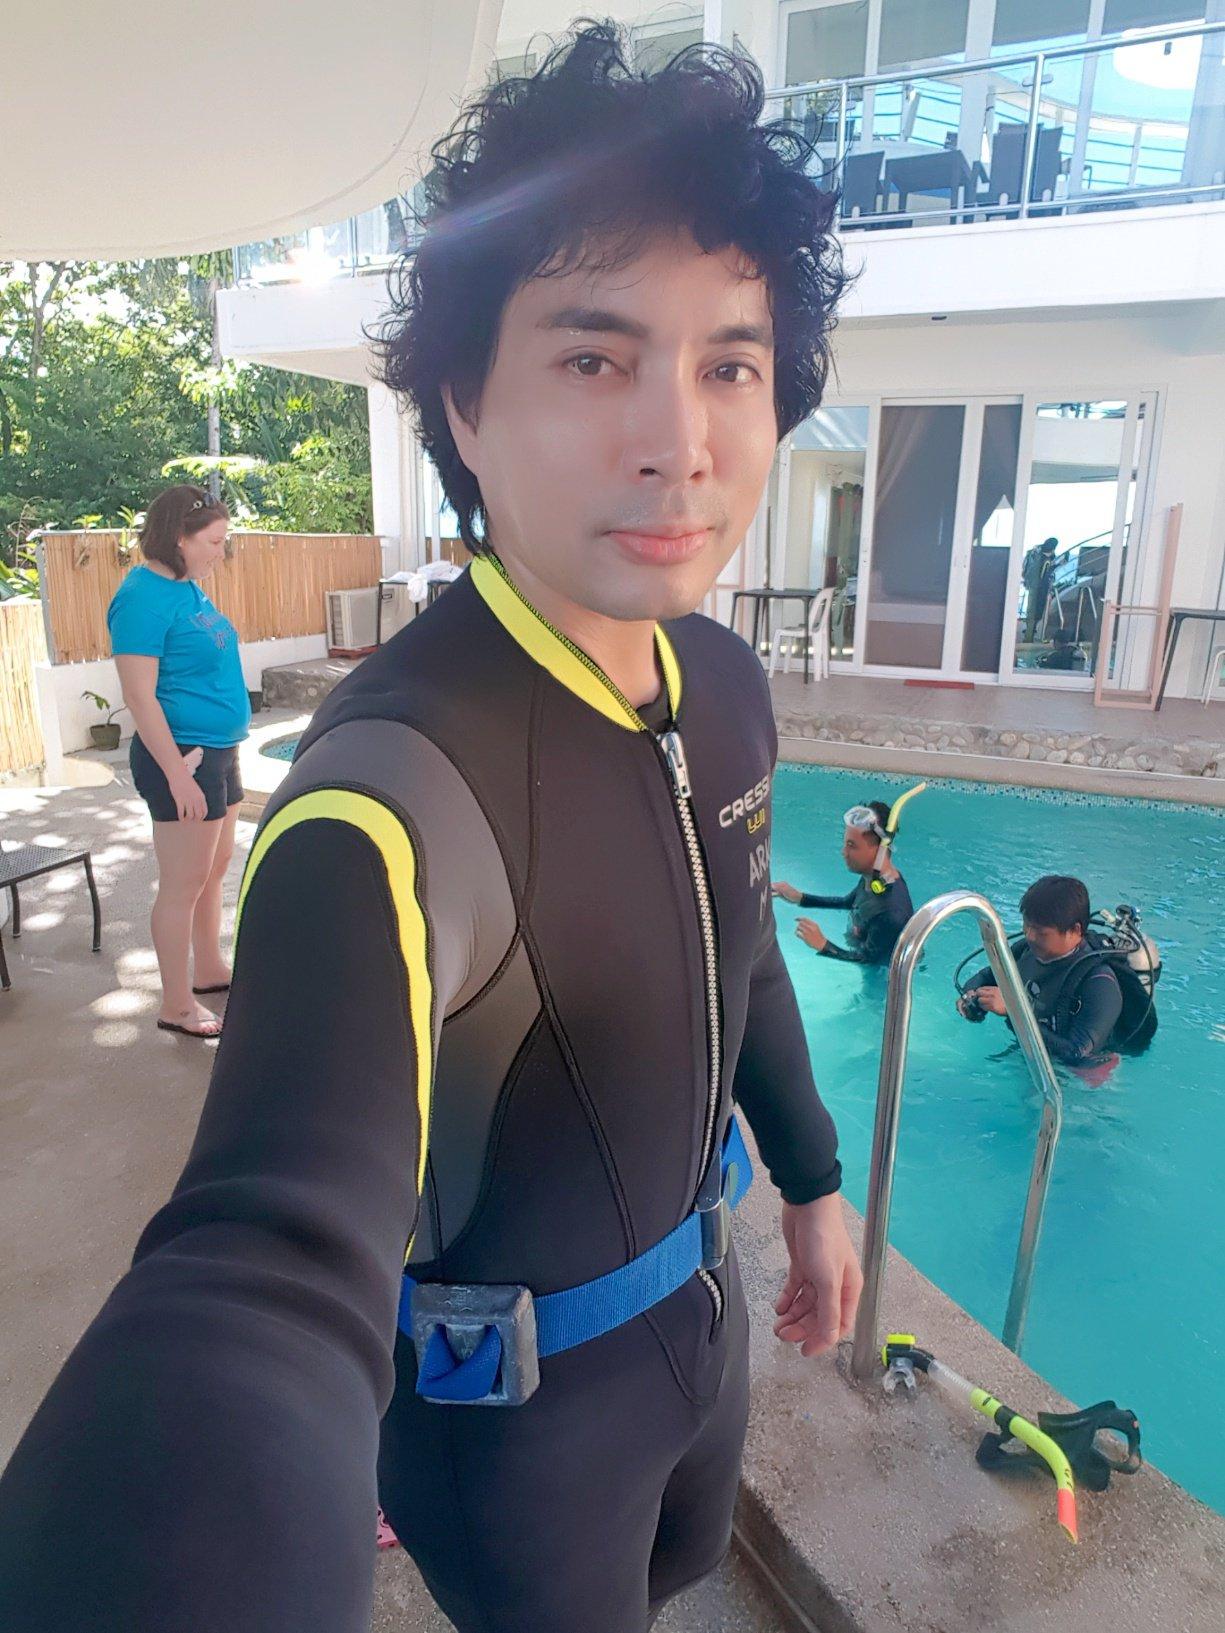 Me looking like dork in my wet suit. LOL.